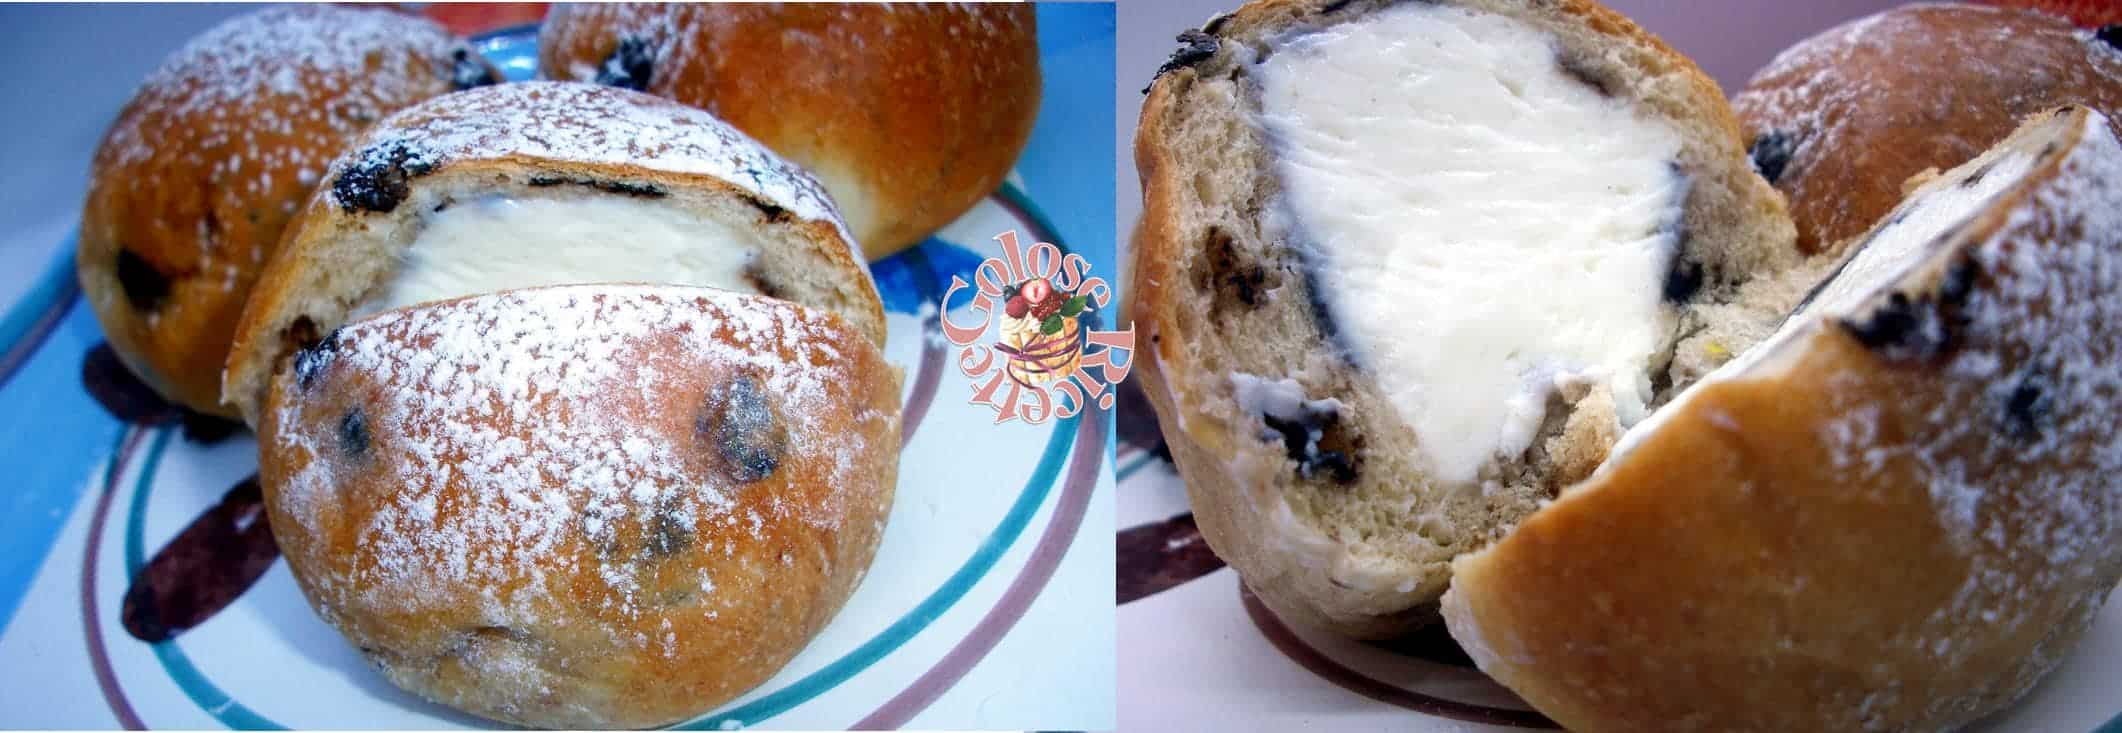 pan-di-ricotta6 Fiocchi di neve - brioche con cioccolato e crema di ricotta DOLCI LIEVITATI LIEVITATI